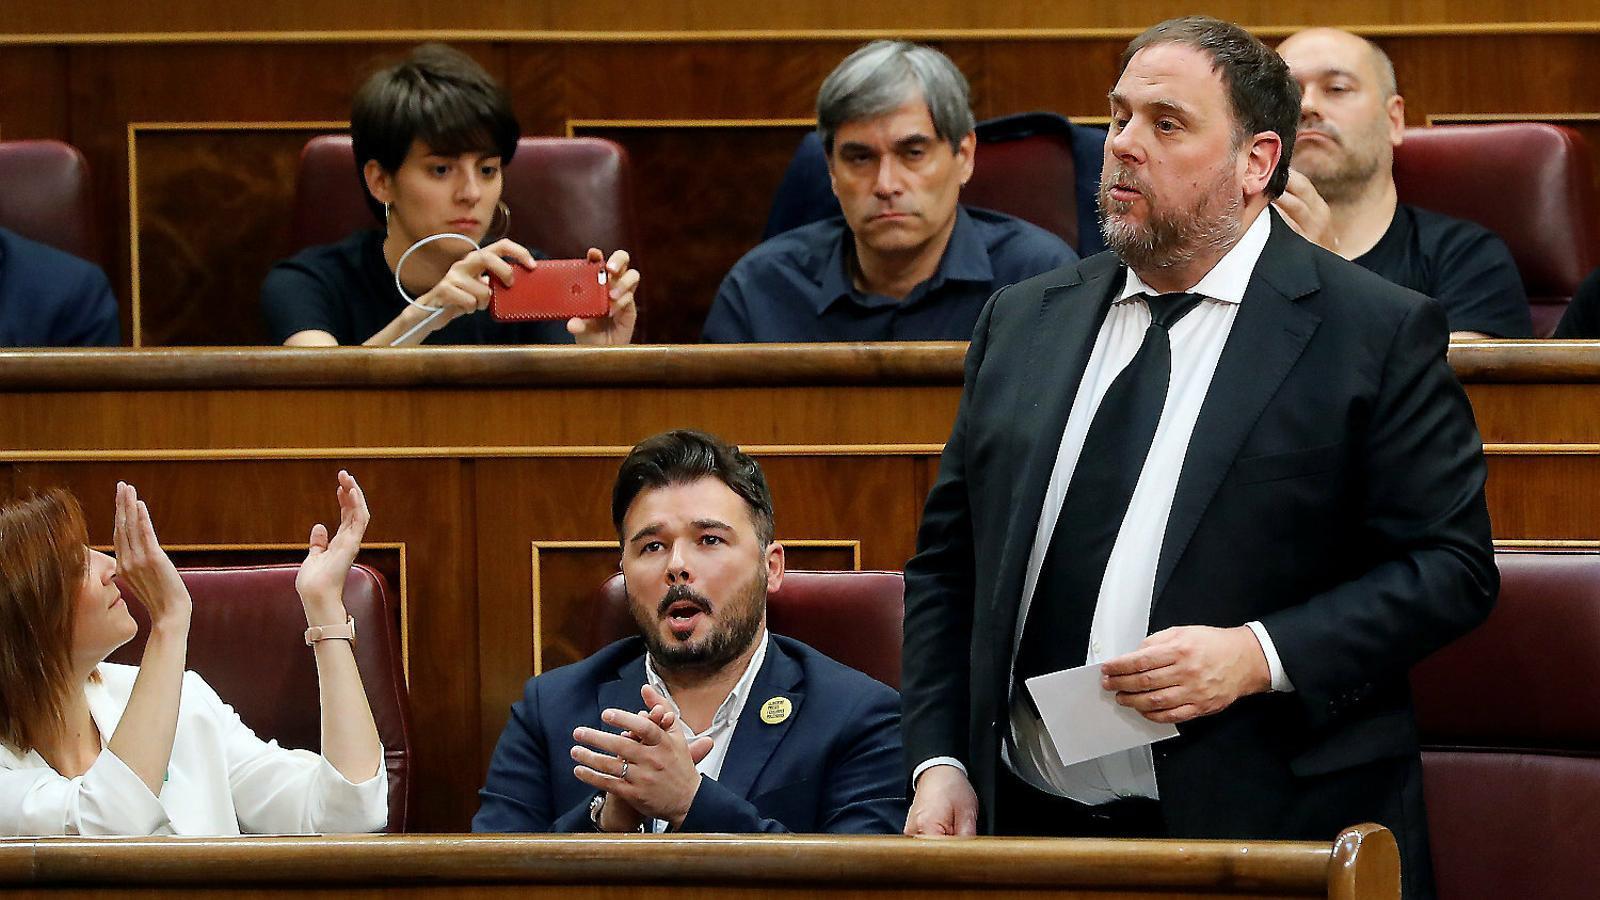 El president d'ERC, Oriol Junqueras, en la sessió constitutiva del Congrés del maig. / BALLESTEROS / EFE